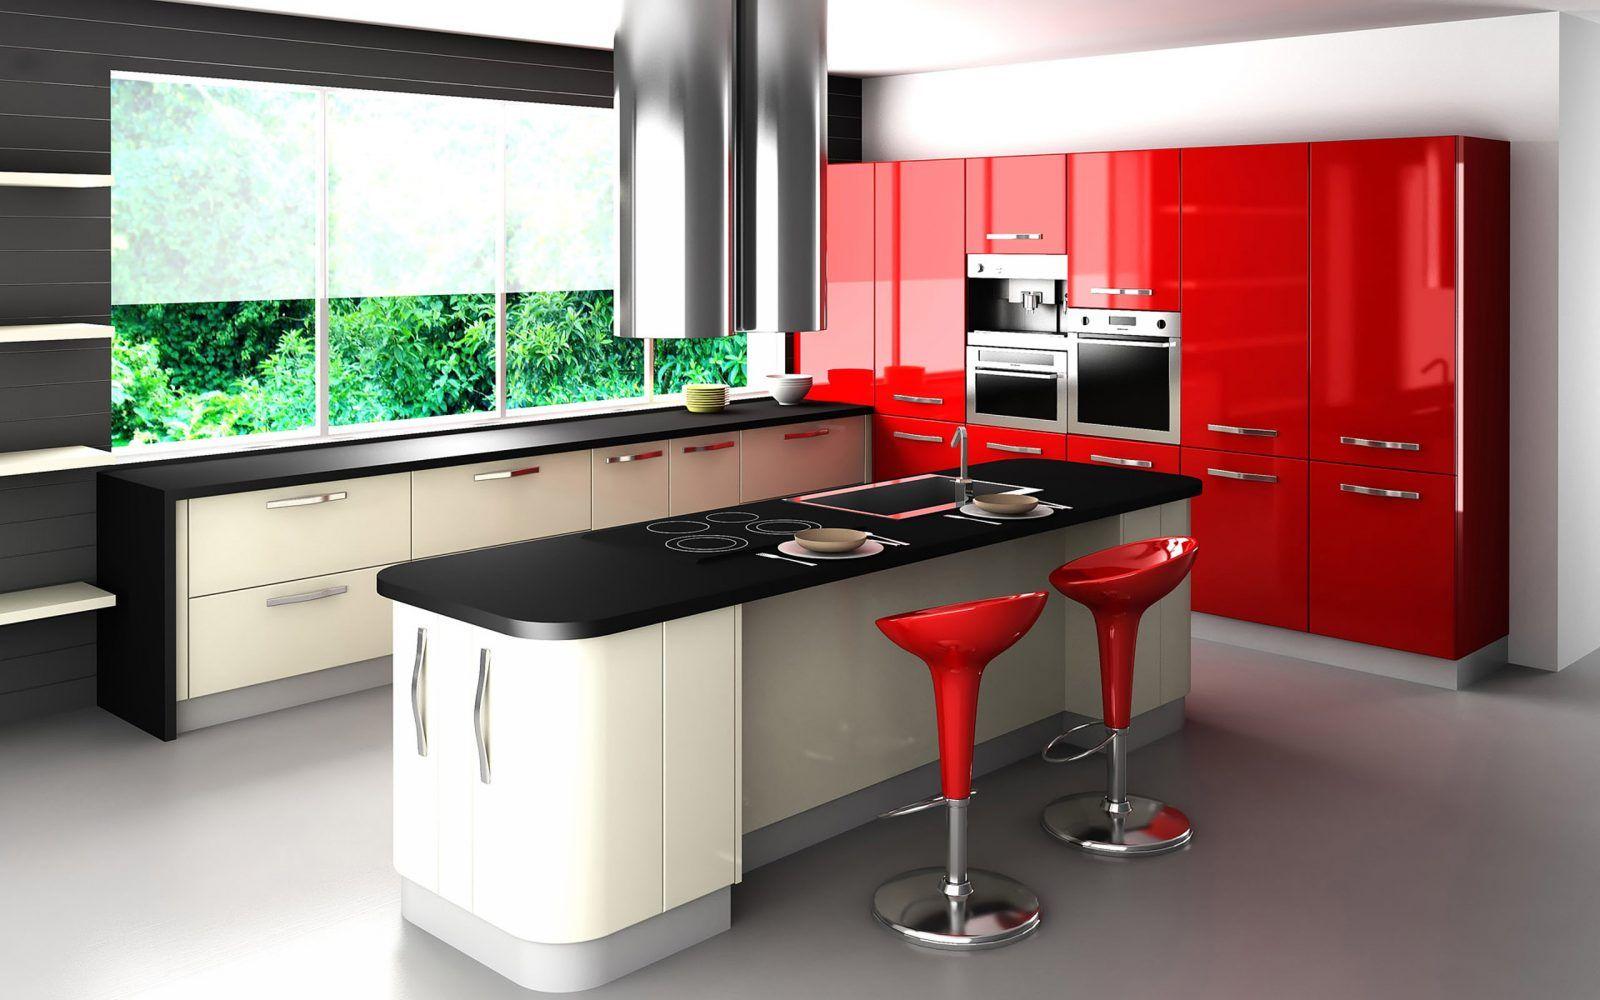 Claves para crear una cocina moderna | Cocina | Pinterest | Cocina ...